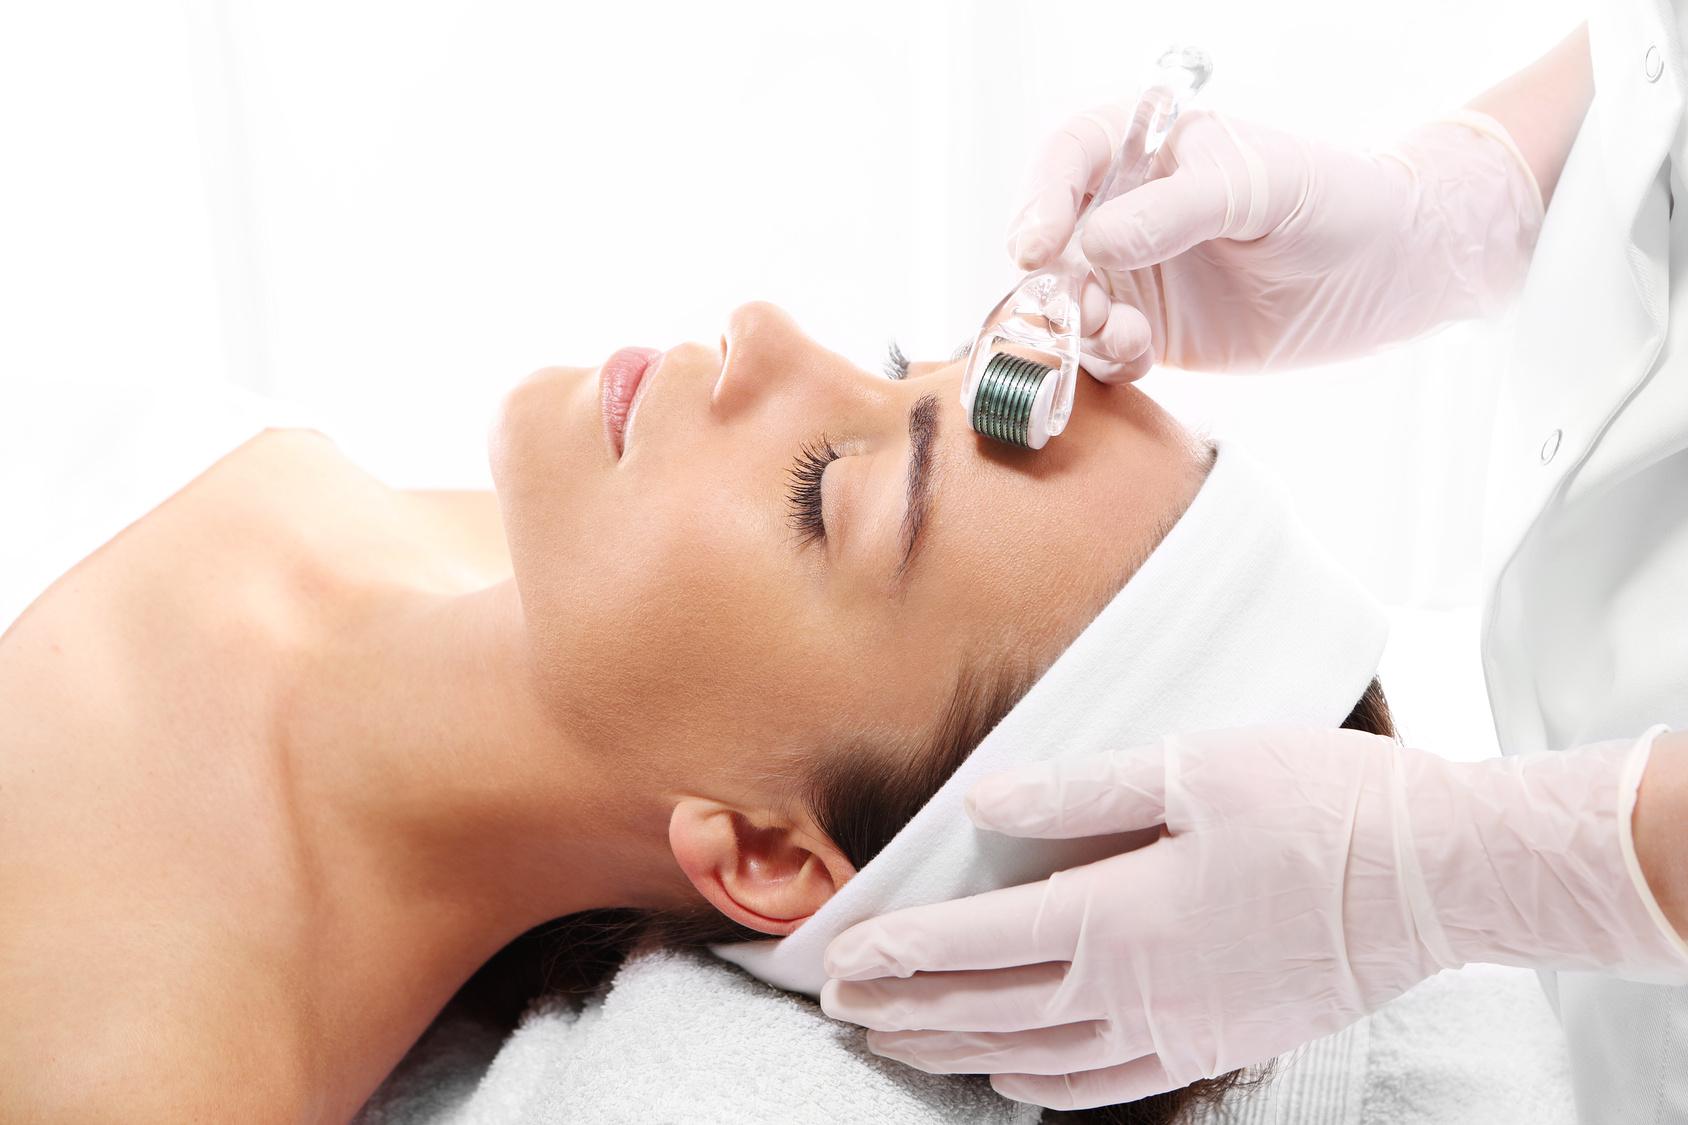 zabiegi mezoterapii igłowej - salon kosmetyczny Avanti Żywiec